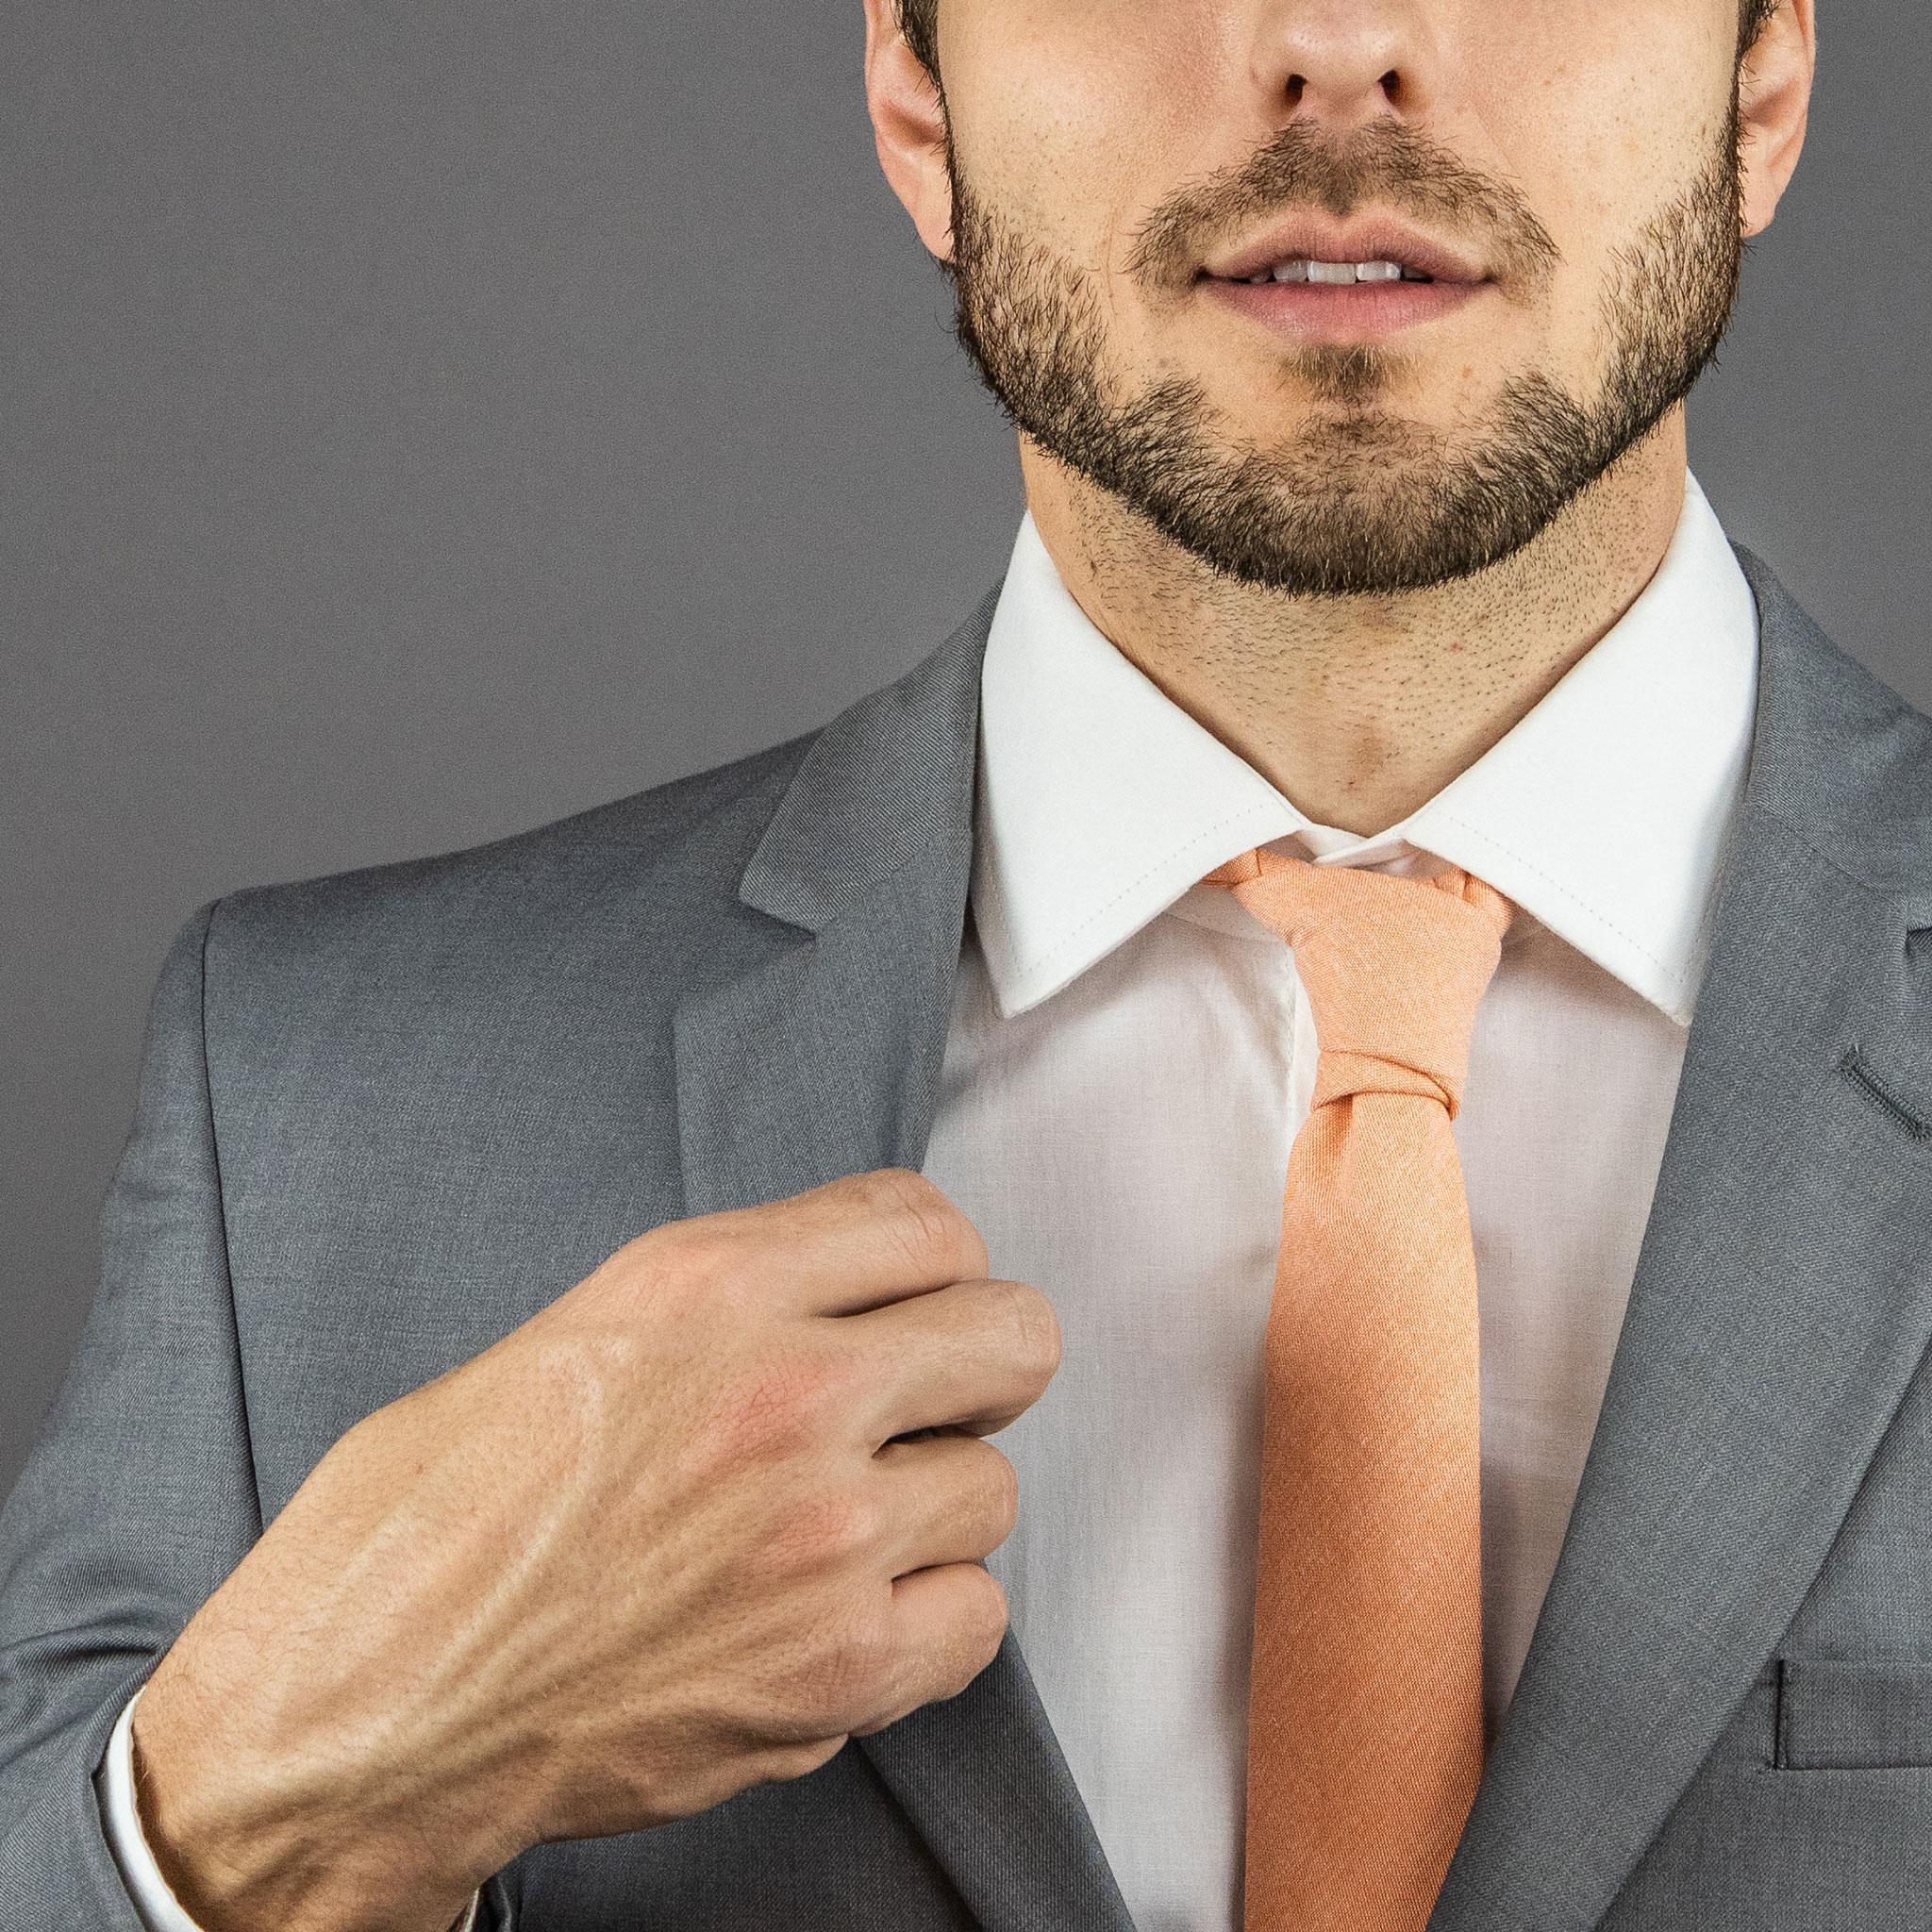 terno cinza com gravata laranja